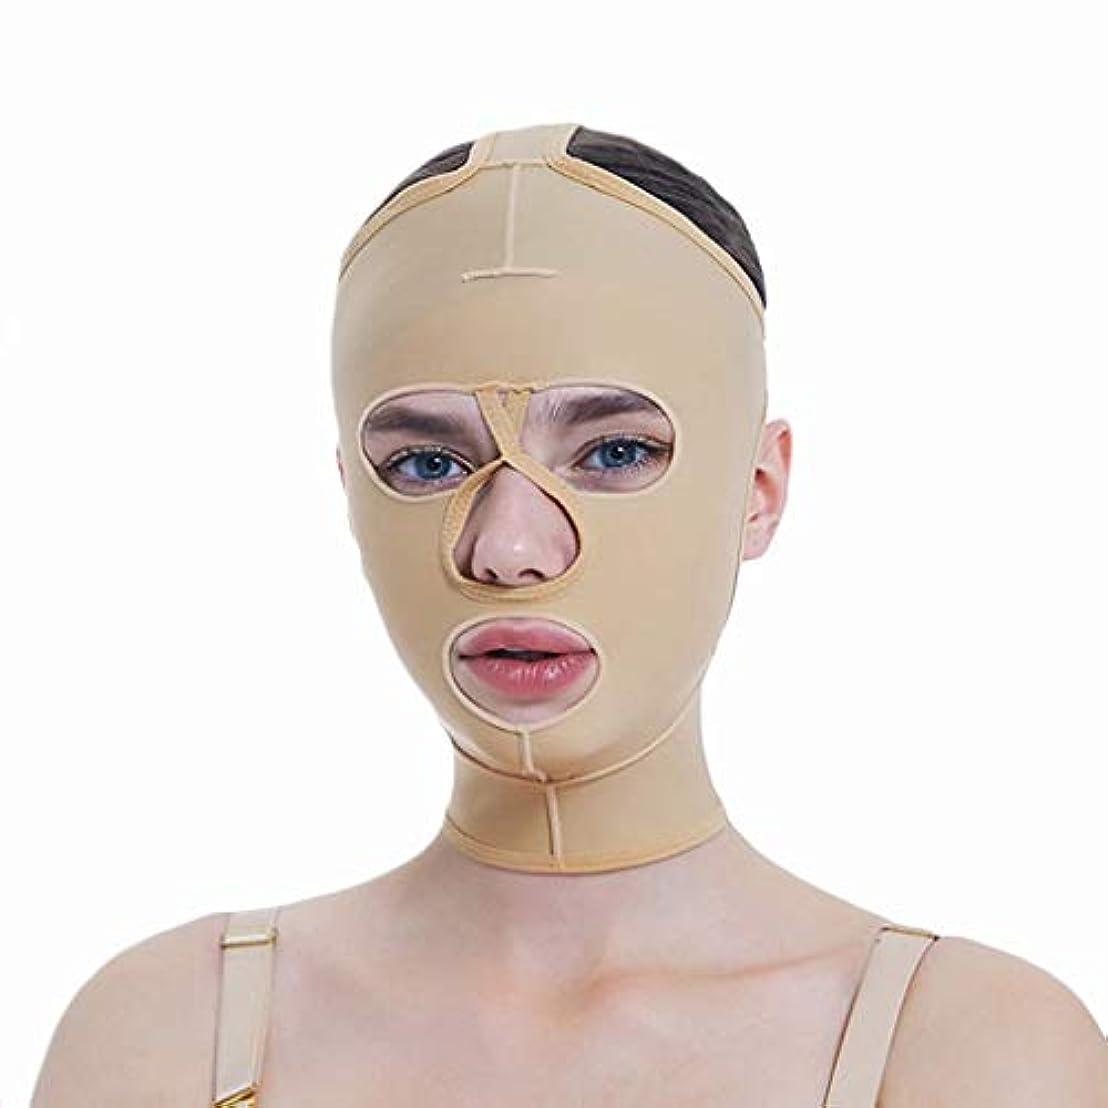 浮浪者誓うキルトフェイシャル減量マスク、フルカバレッジ包帯、フルフェイスリフティングマスク、フェイスマスク、快適で リフティングシェーピング(サイズ:S),ザ?